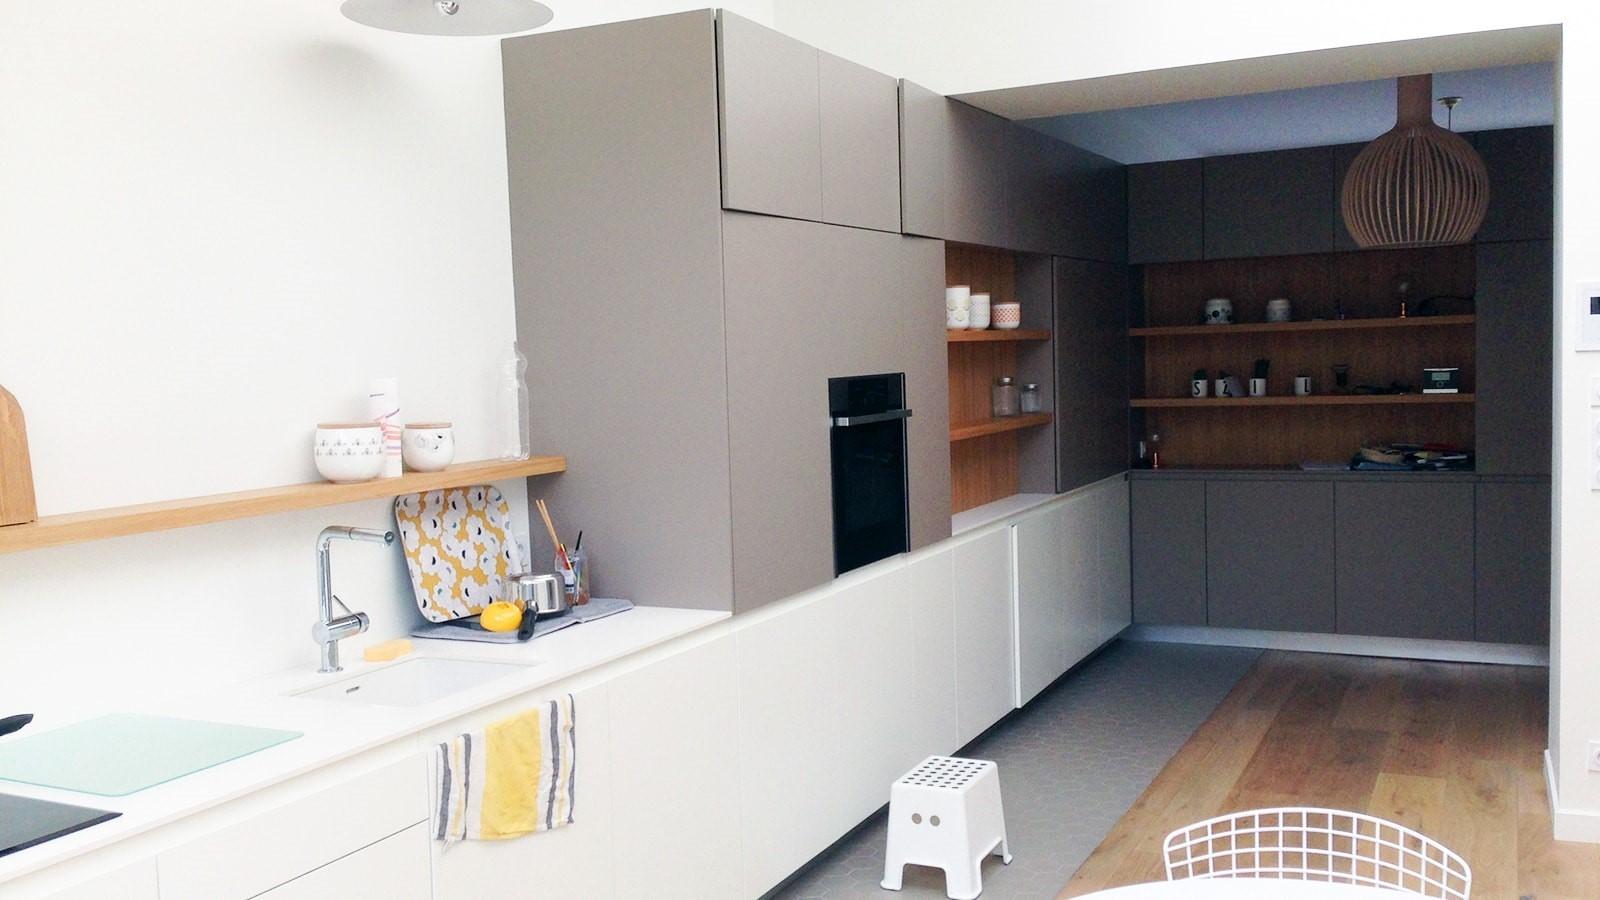 Maison Particuliere Nantes Efi Design (7)